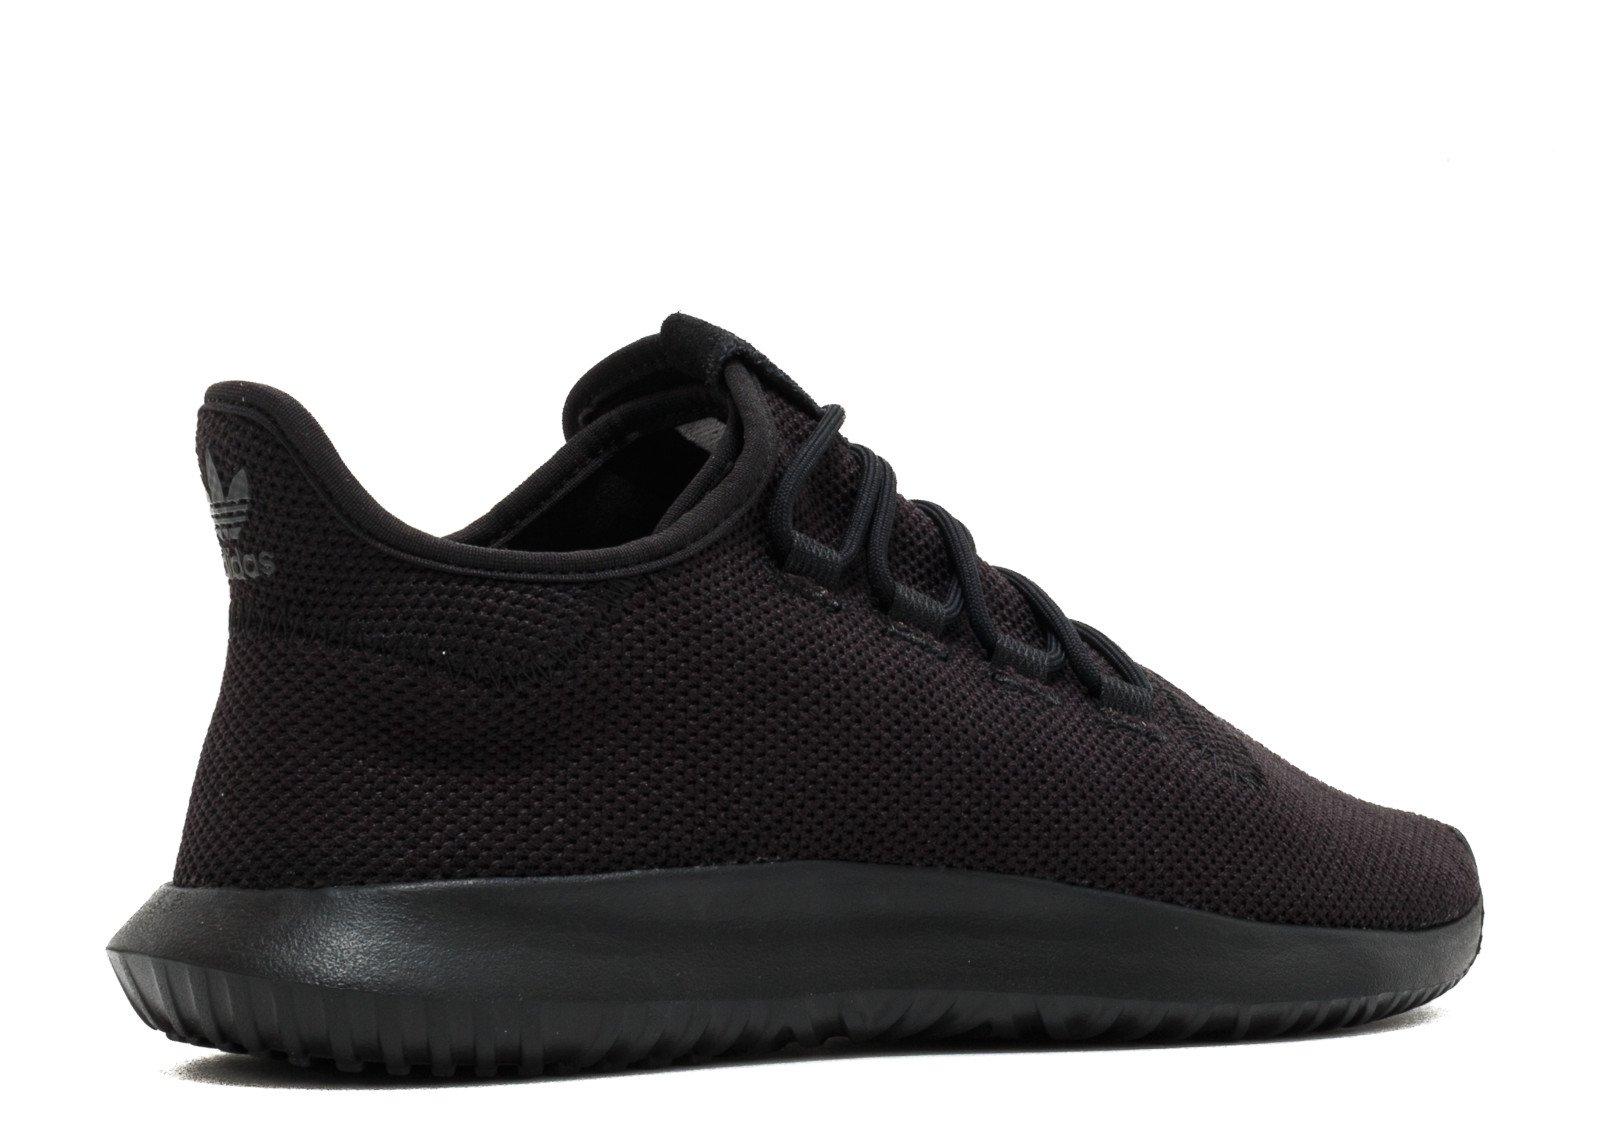 71hSwAC5pDL - Adidas Tubular Shadow Tennis Shoe Men